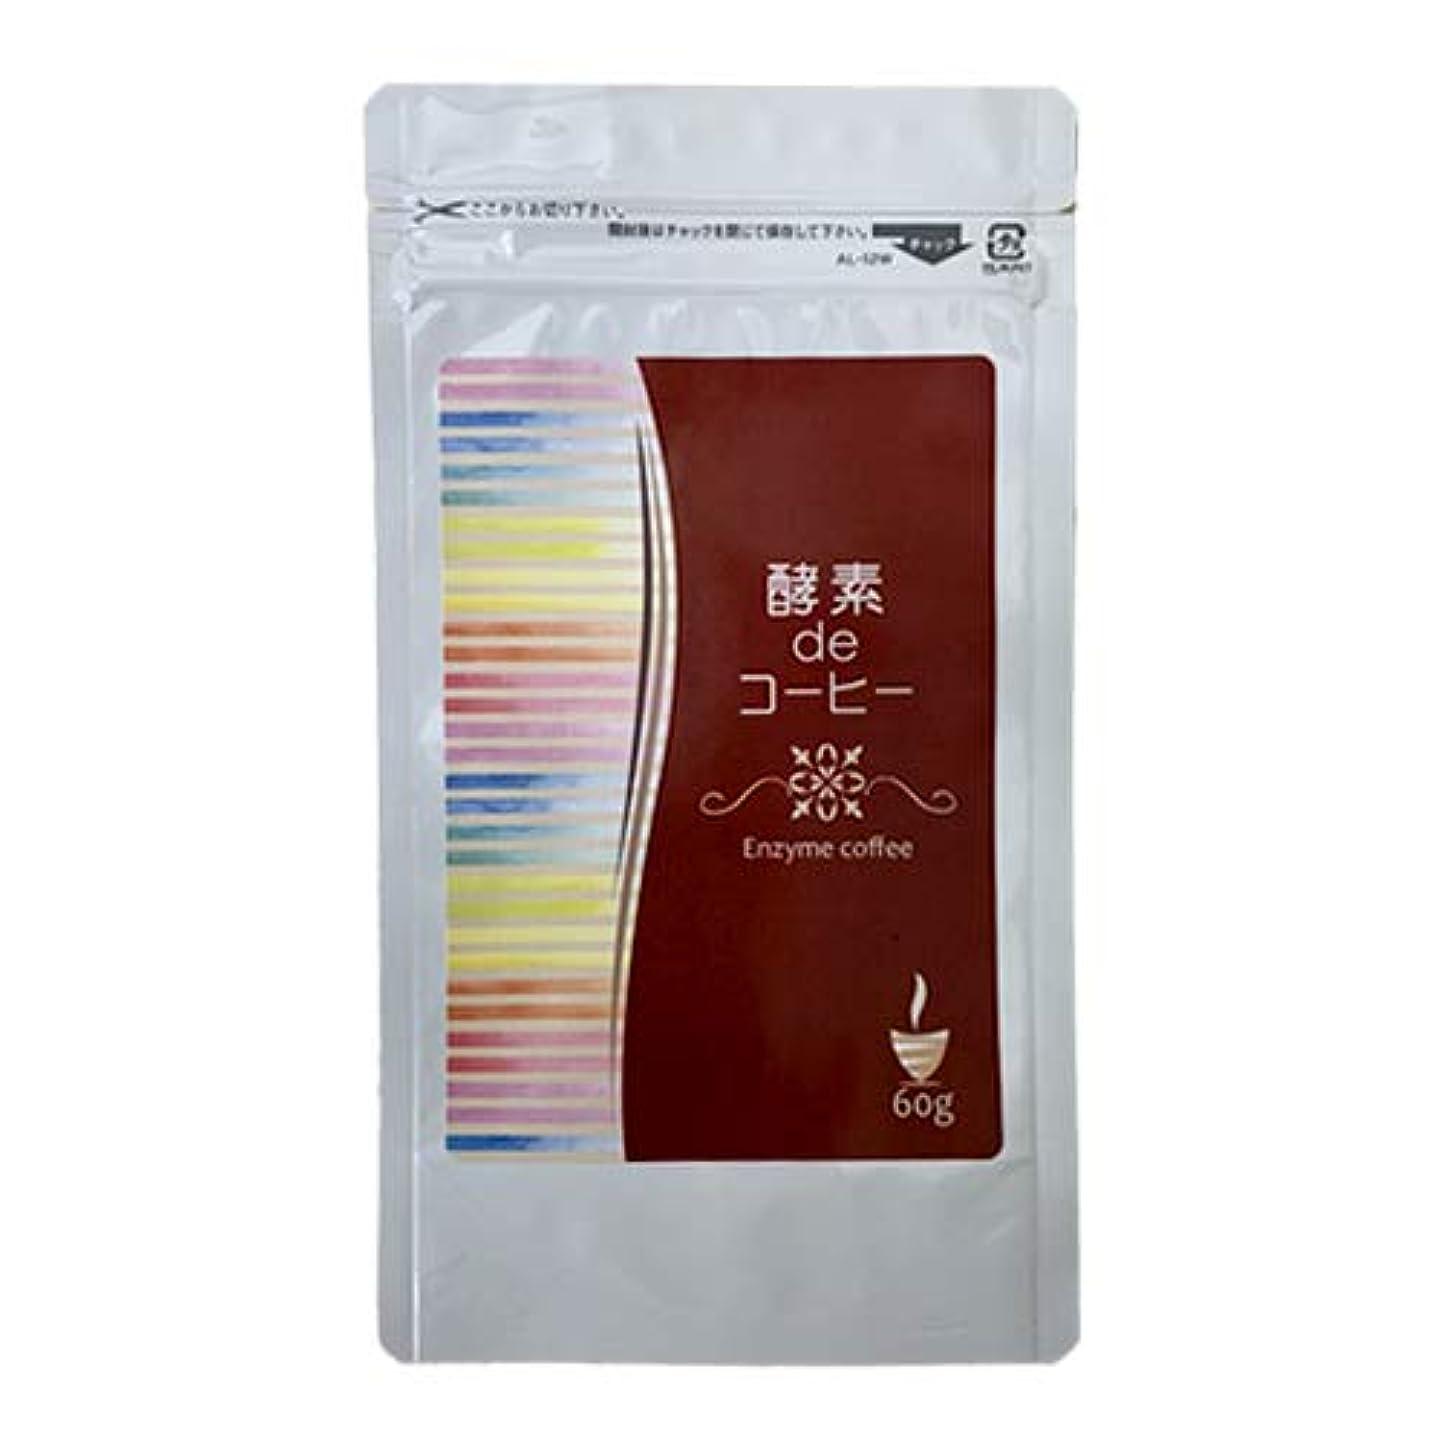 大きさ困難服を着る酵素deコーヒー